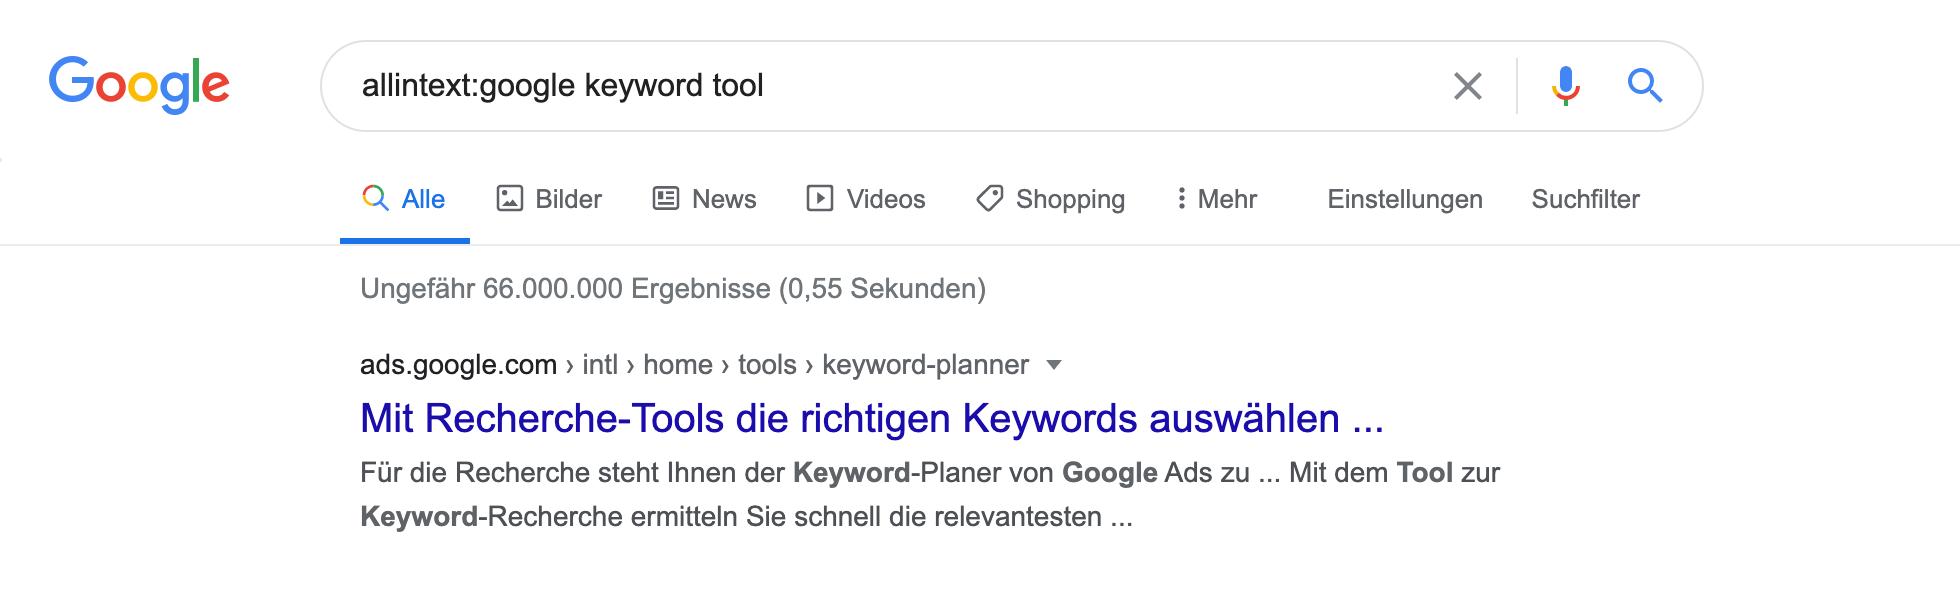 Zeigt die allintext:-Abfrage in den Google Suchergebnissen an.